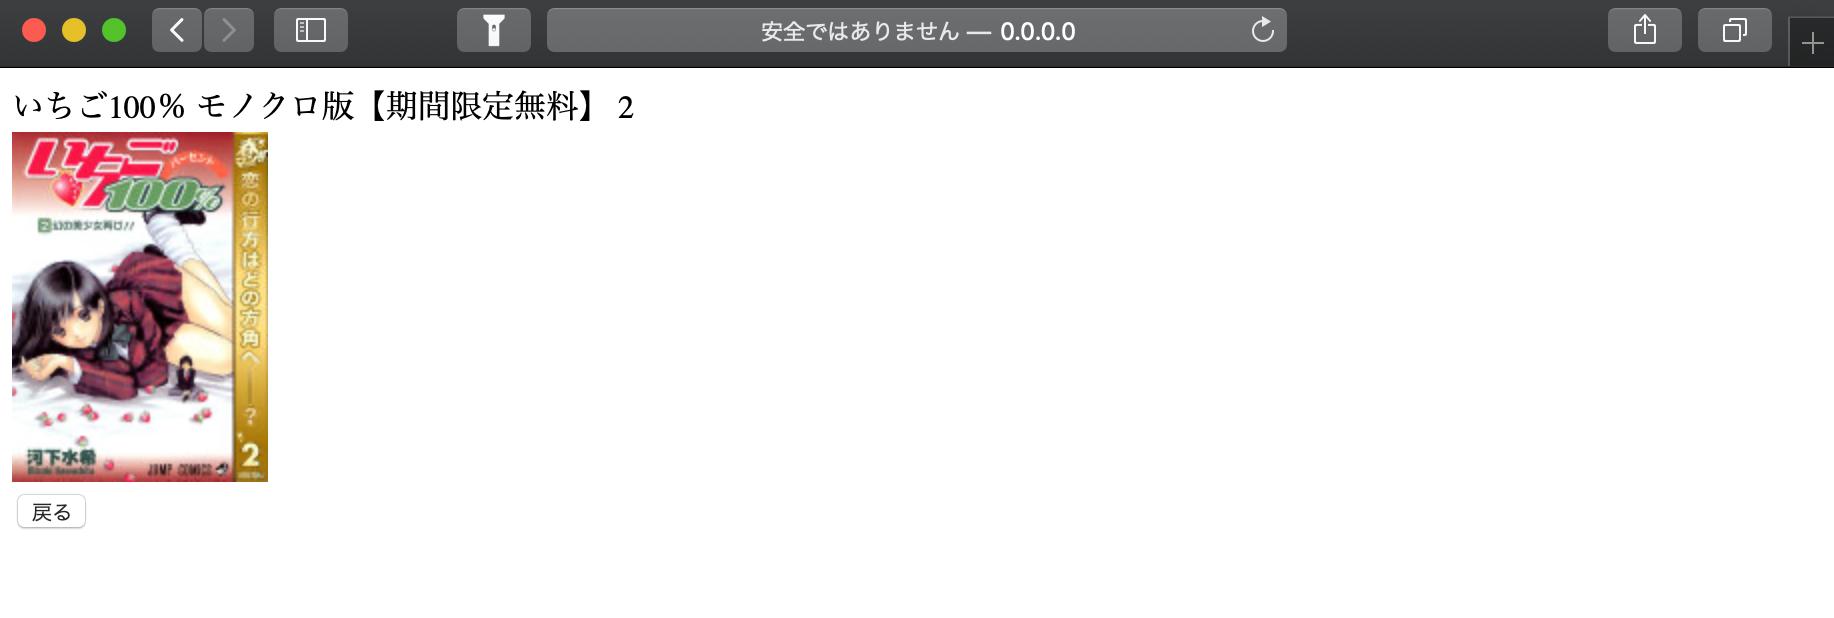 スクリーンショット 2020-04-03 21.43.06.png